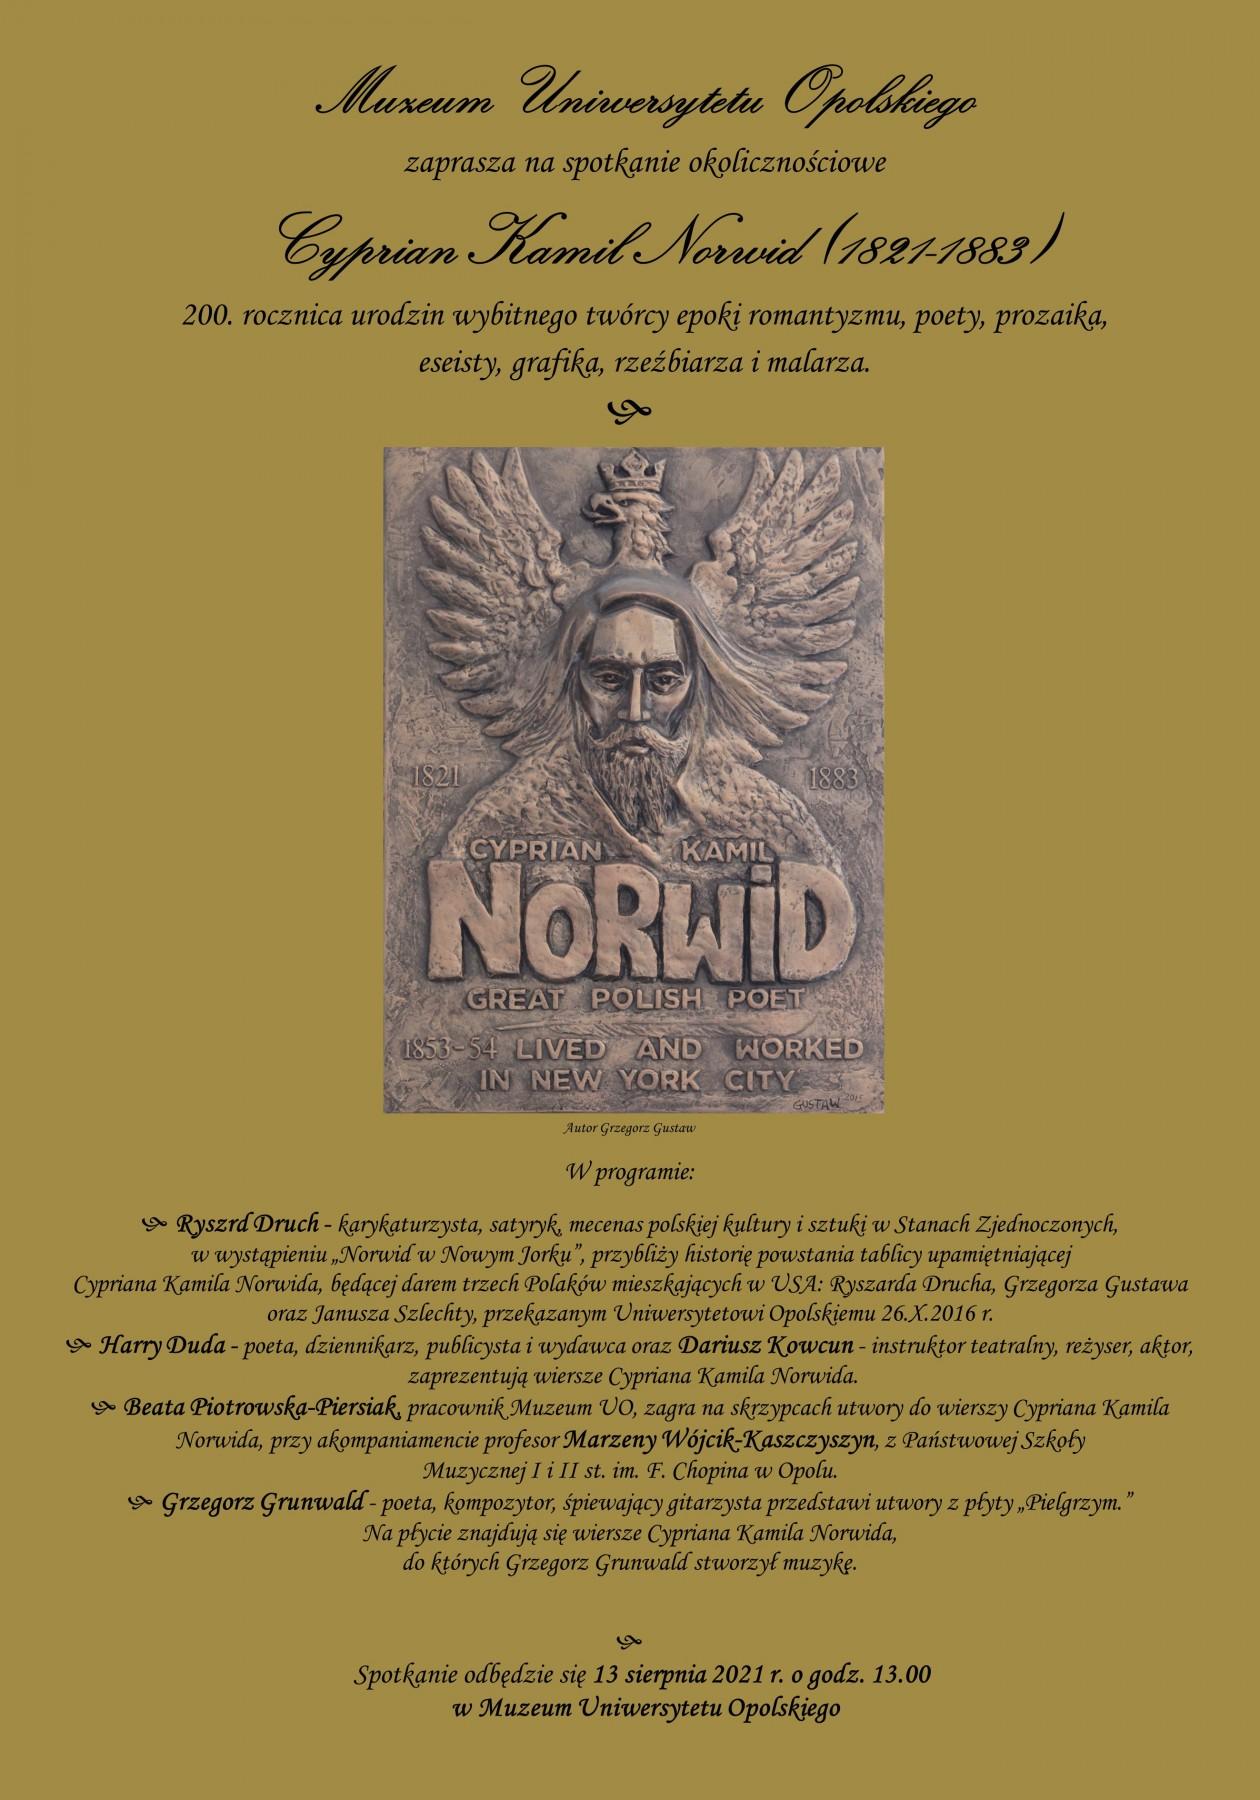 Cyprian Kamil Norwid (1821-1883) – spotkanie w Muzeum Uniwersytetu Opolskiego